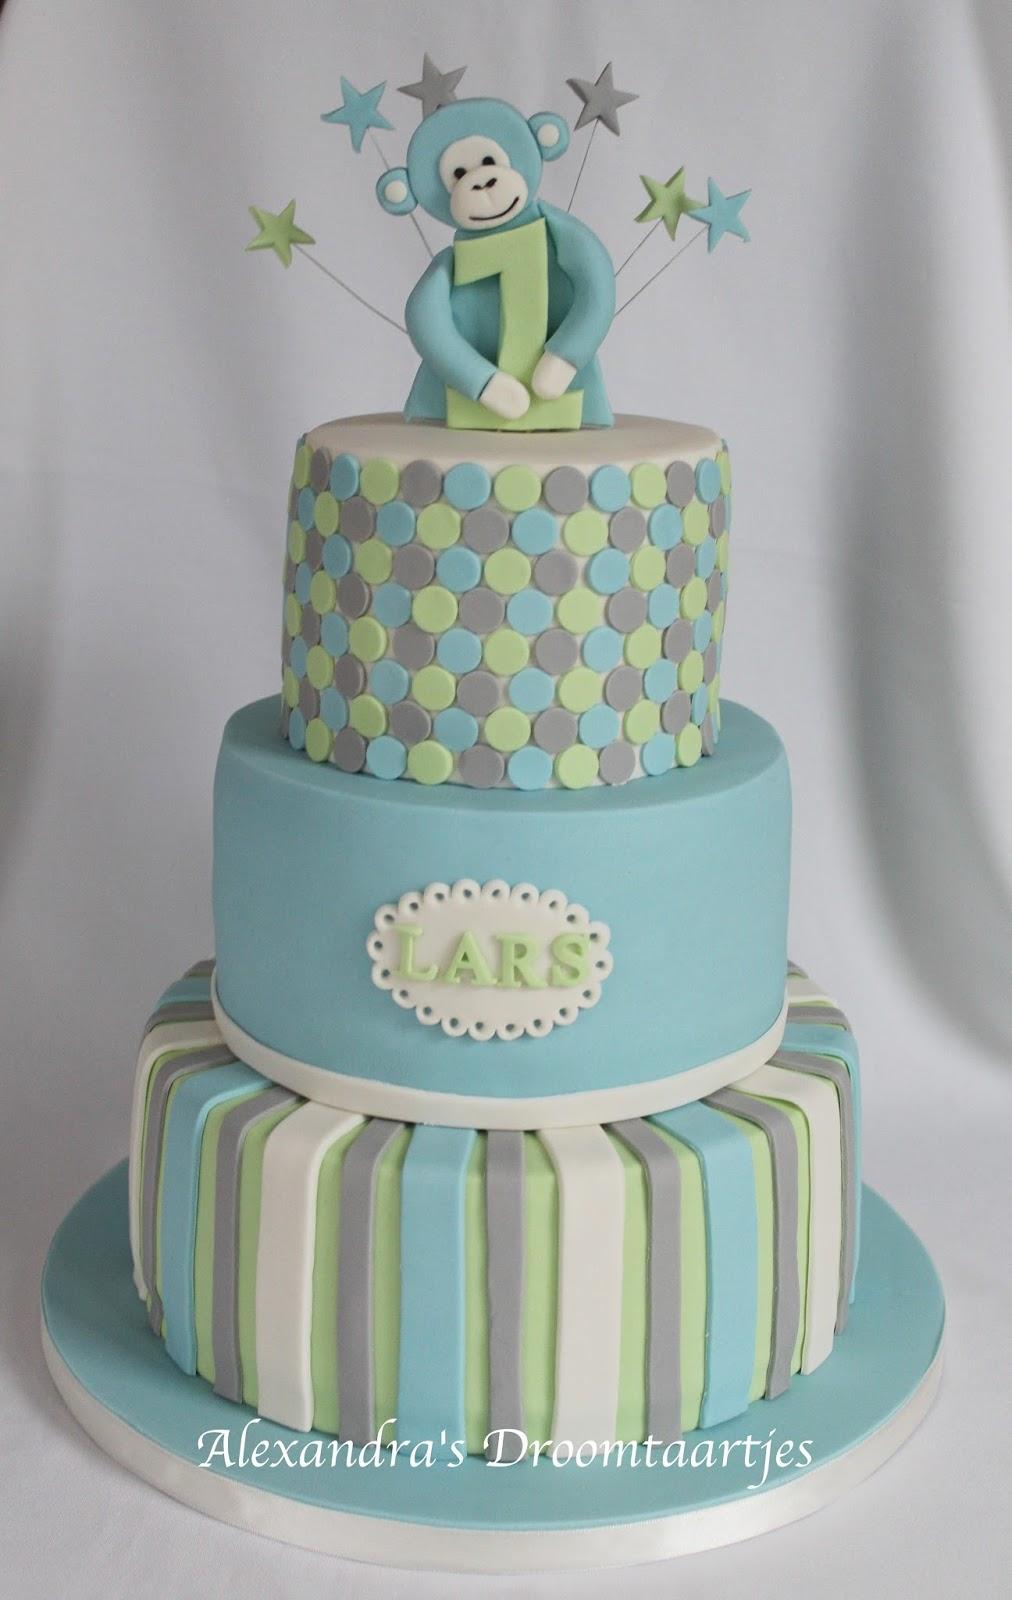 Genoeg Verjaardagstaart jongetje 1 jaar | Alexandra's droomtaartjes @UA34